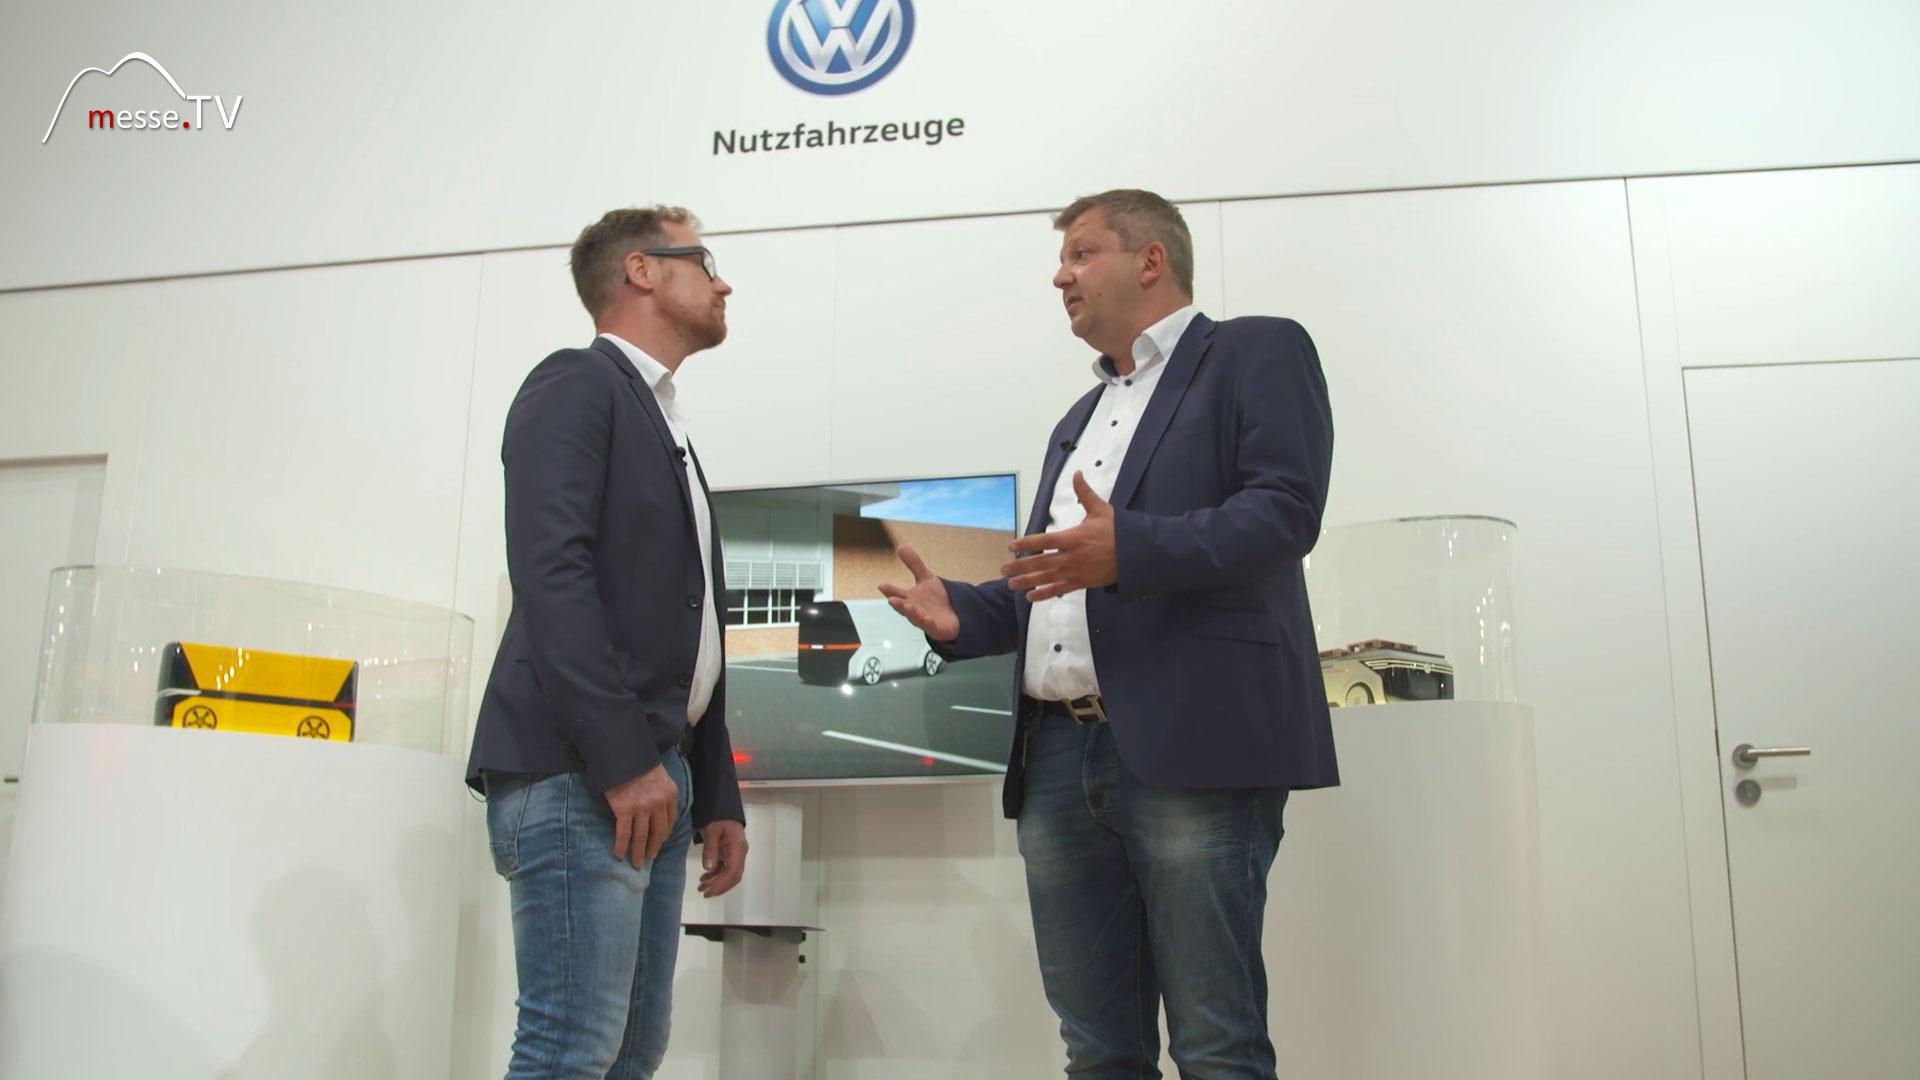 VW Nutzfahrzeuge Interview autonomes Fahren Börn Steuer